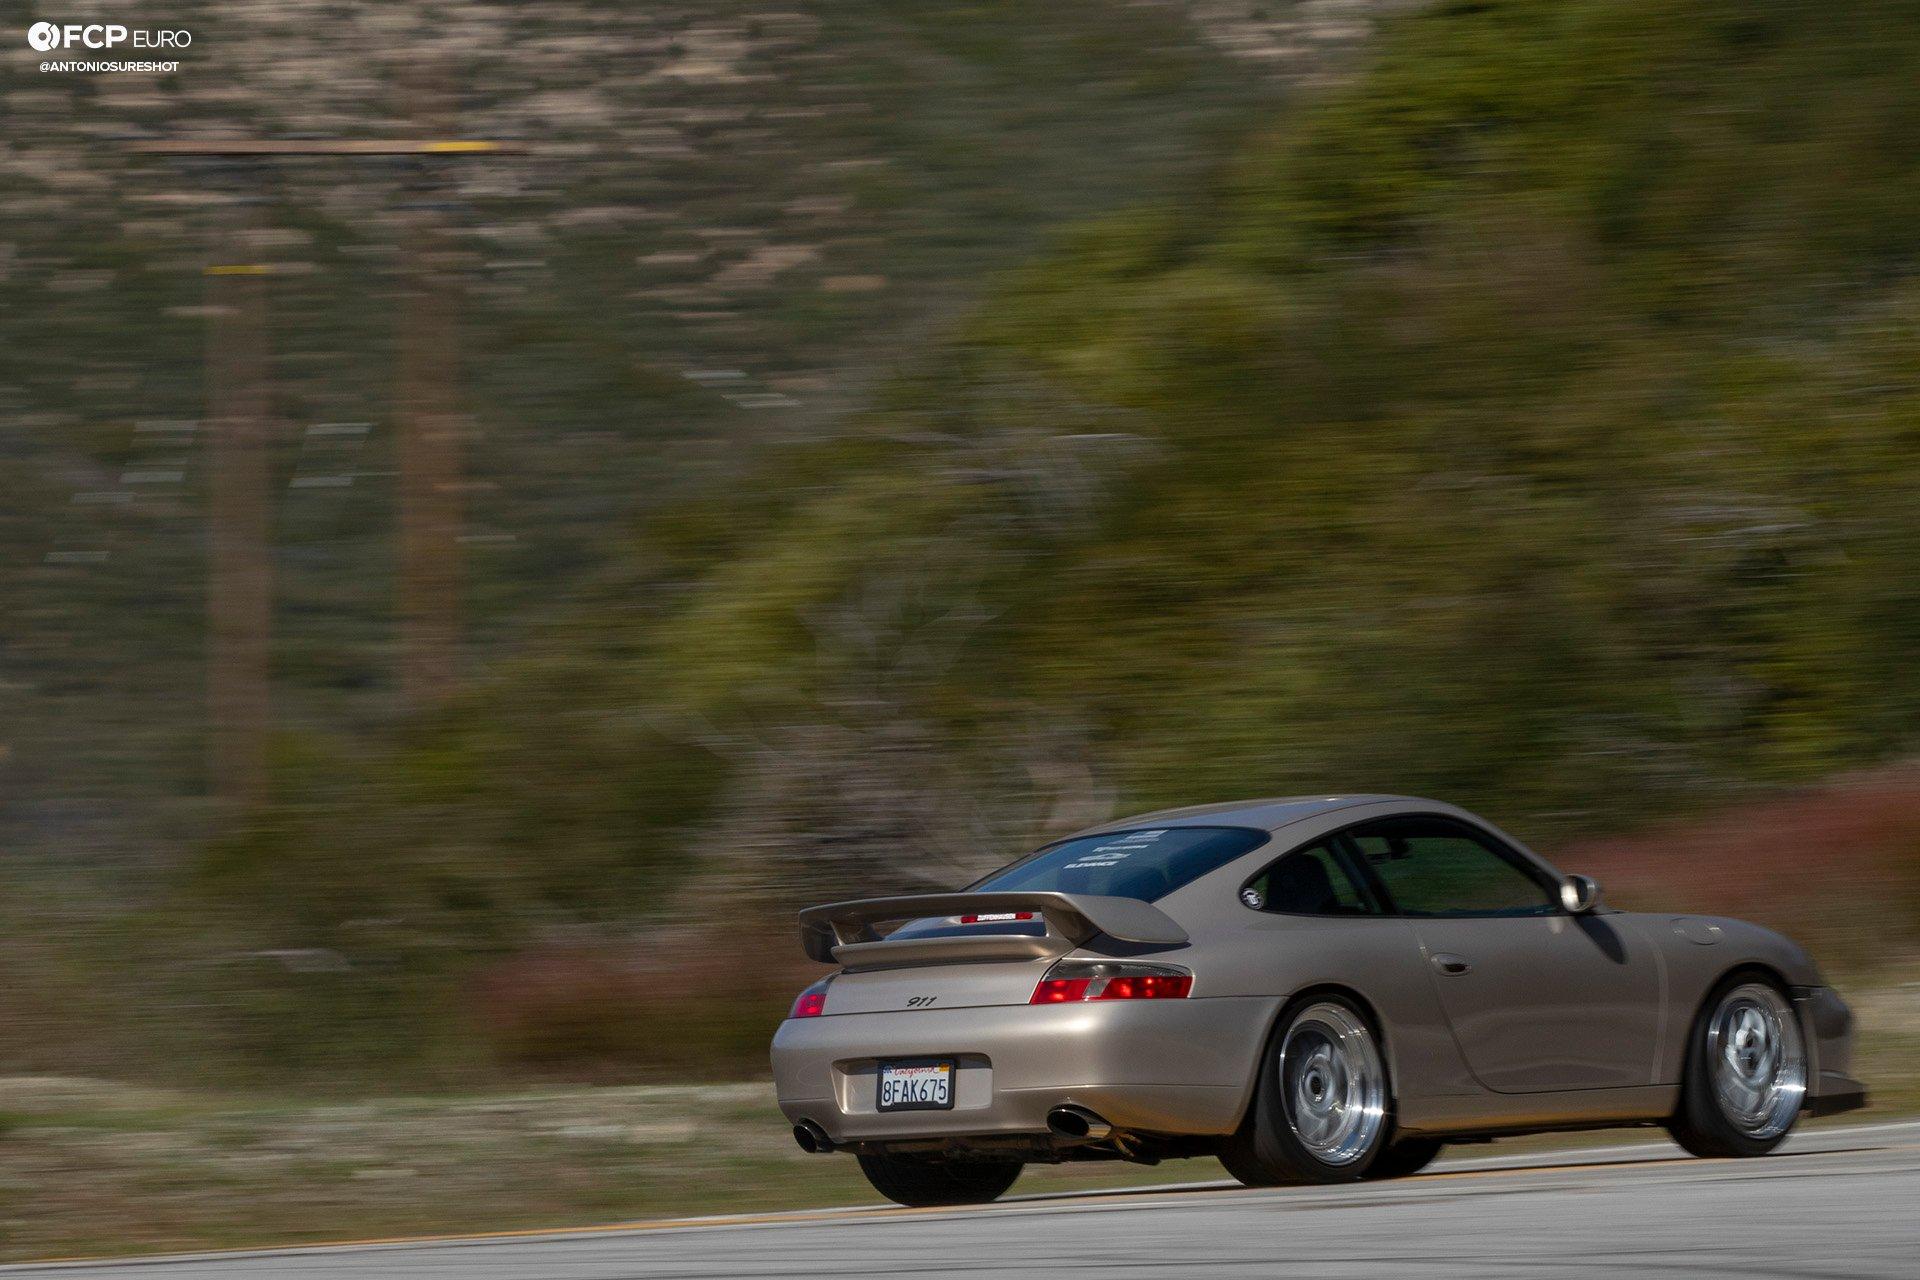 Porsche 911 996 6spd M96 Bilstein B8 Stoptech Eibach Forgestar 1DX25084